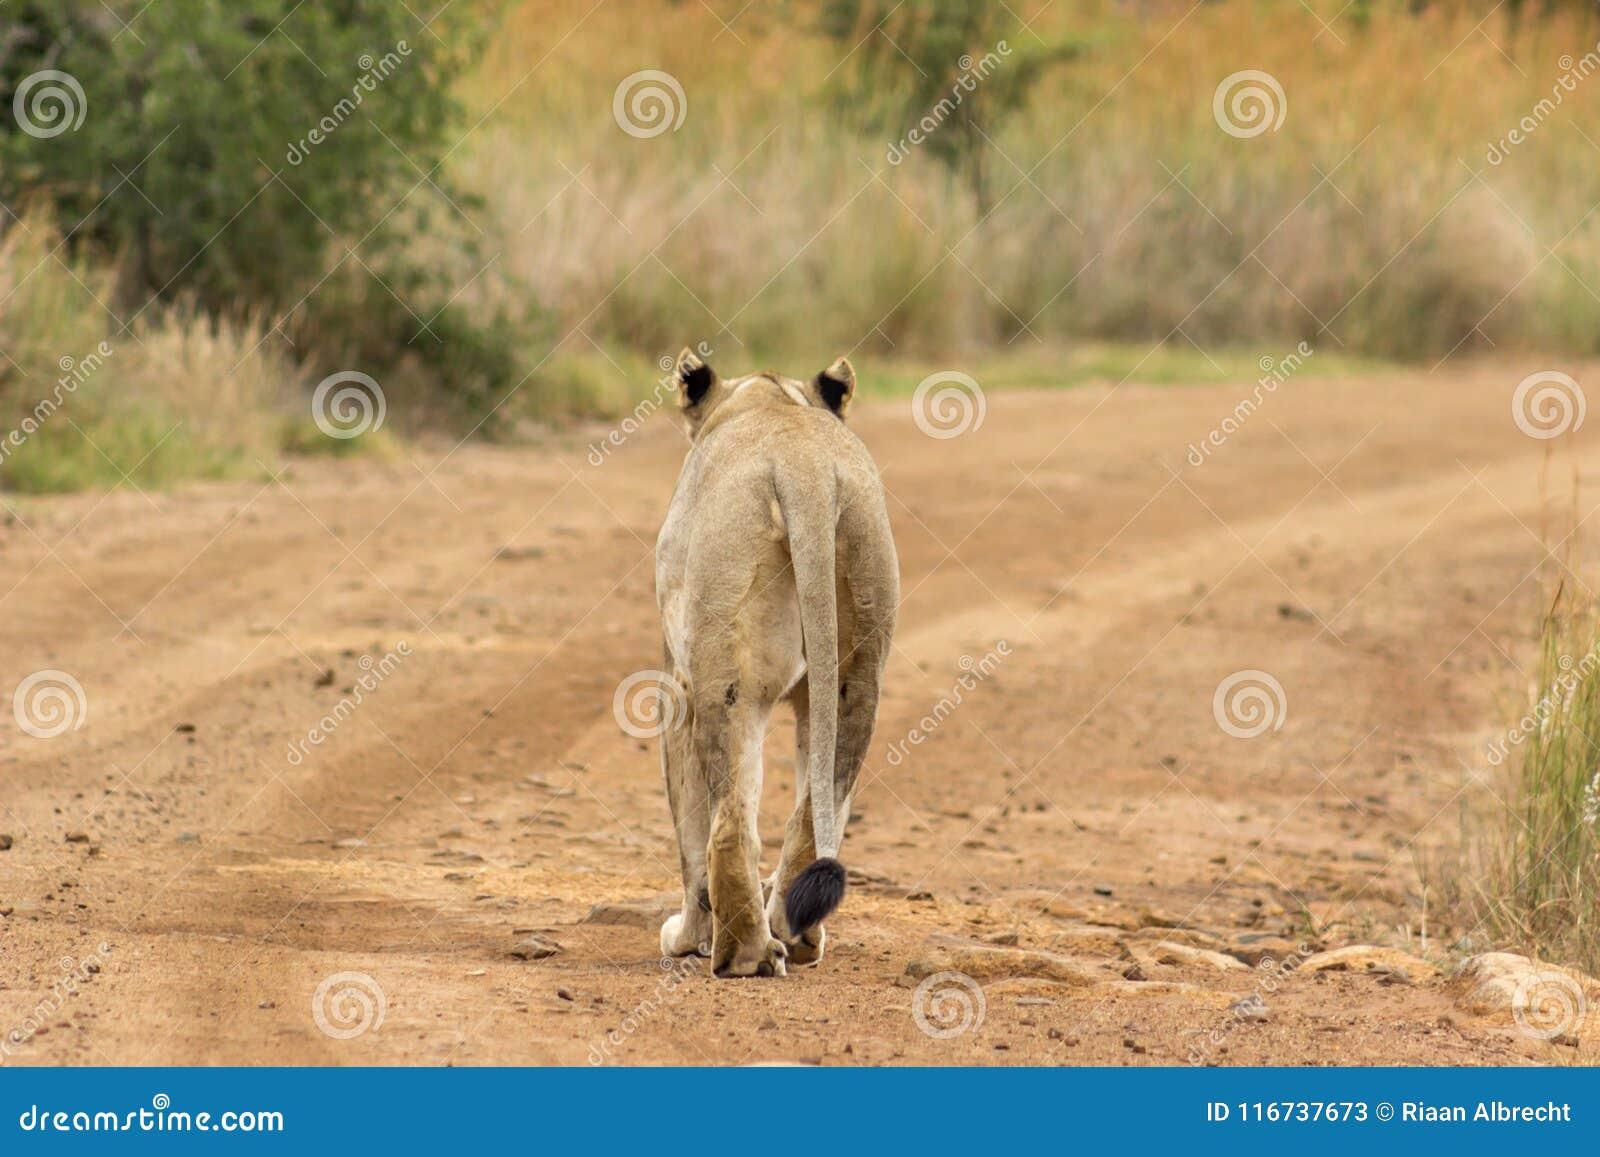 Lionne marchant sur un chemin de terre